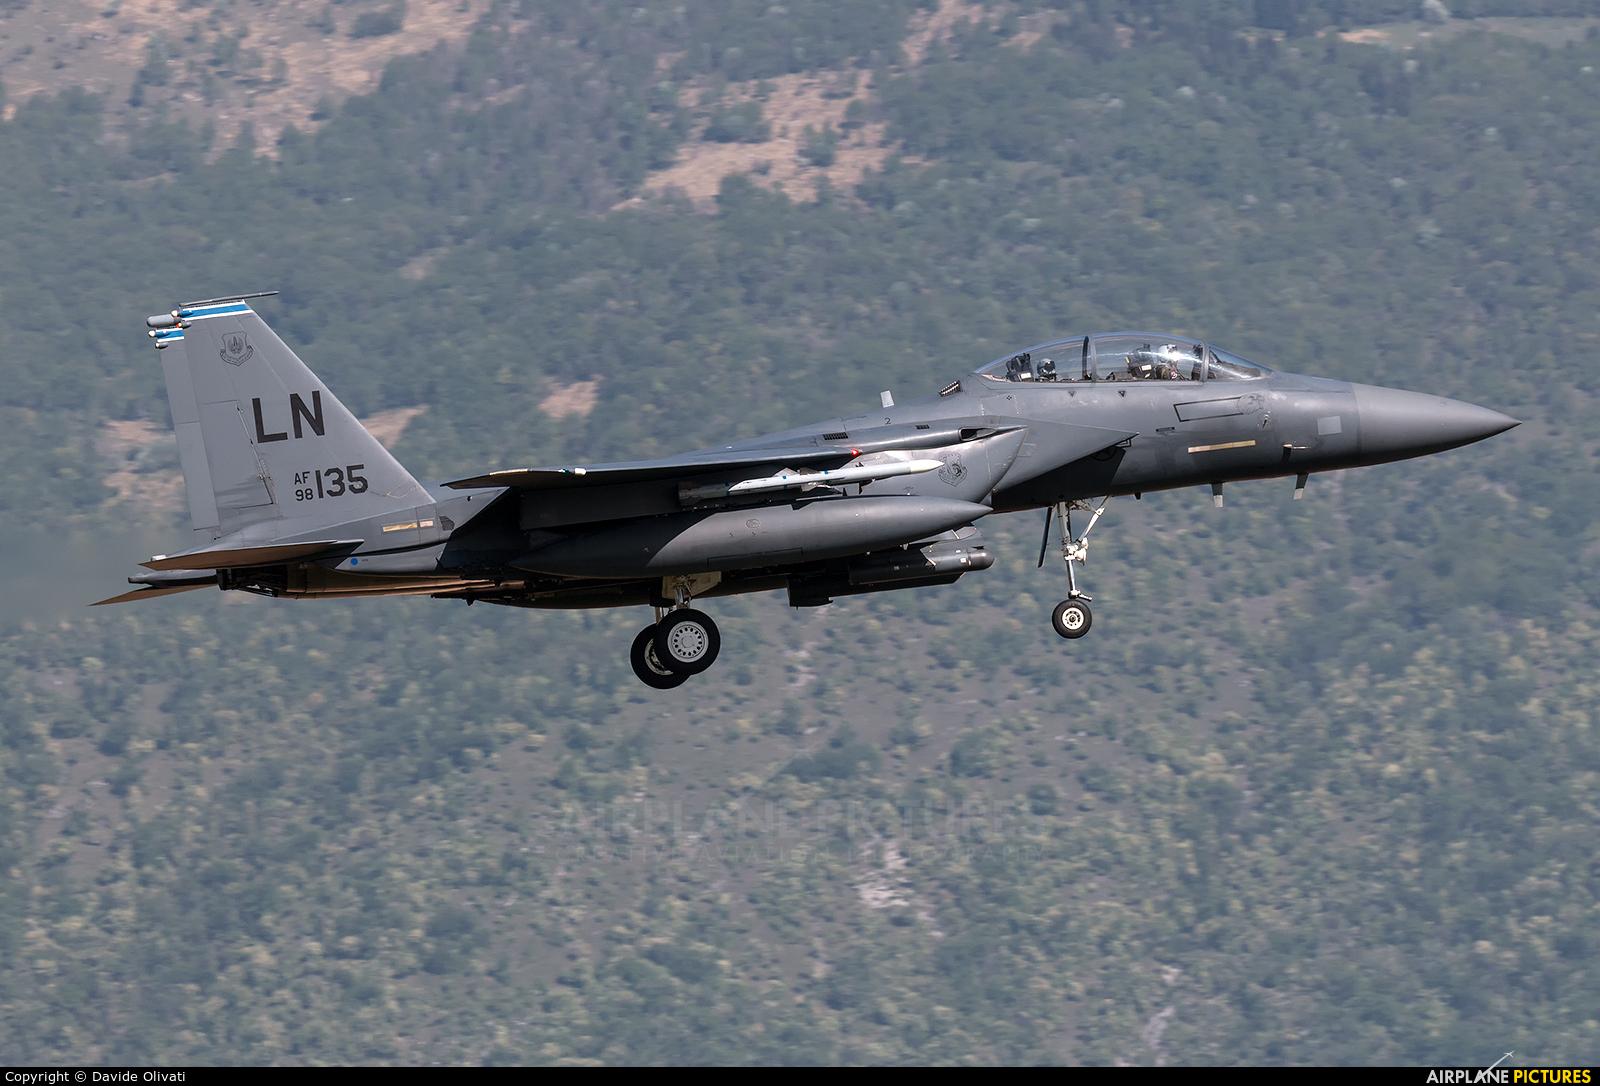 USA - Air Force 98-0135 aircraft at Aviano